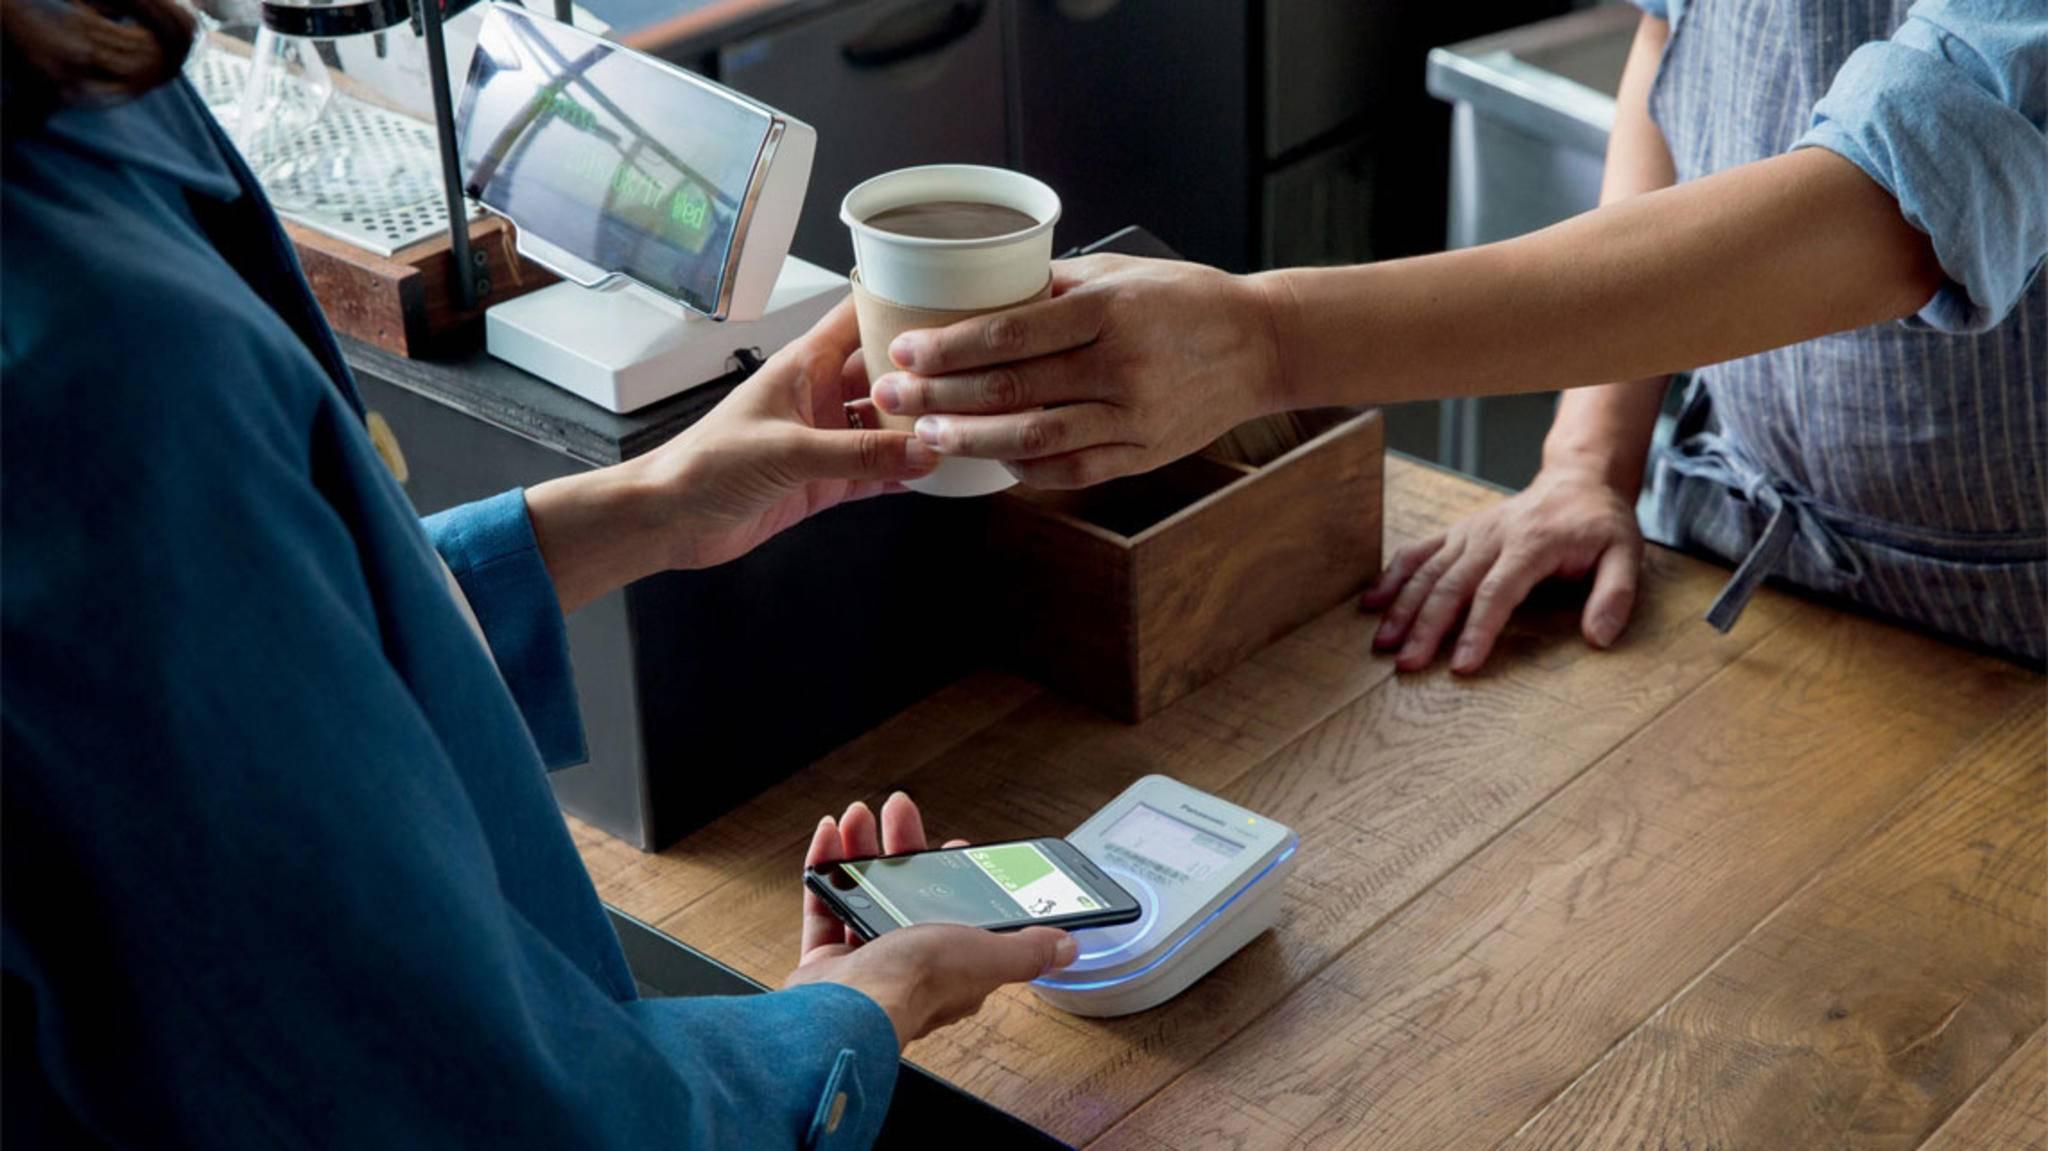 Wir haben alle Infos zu Apples Bezahlsystem Apple Pay zusammengestellt.